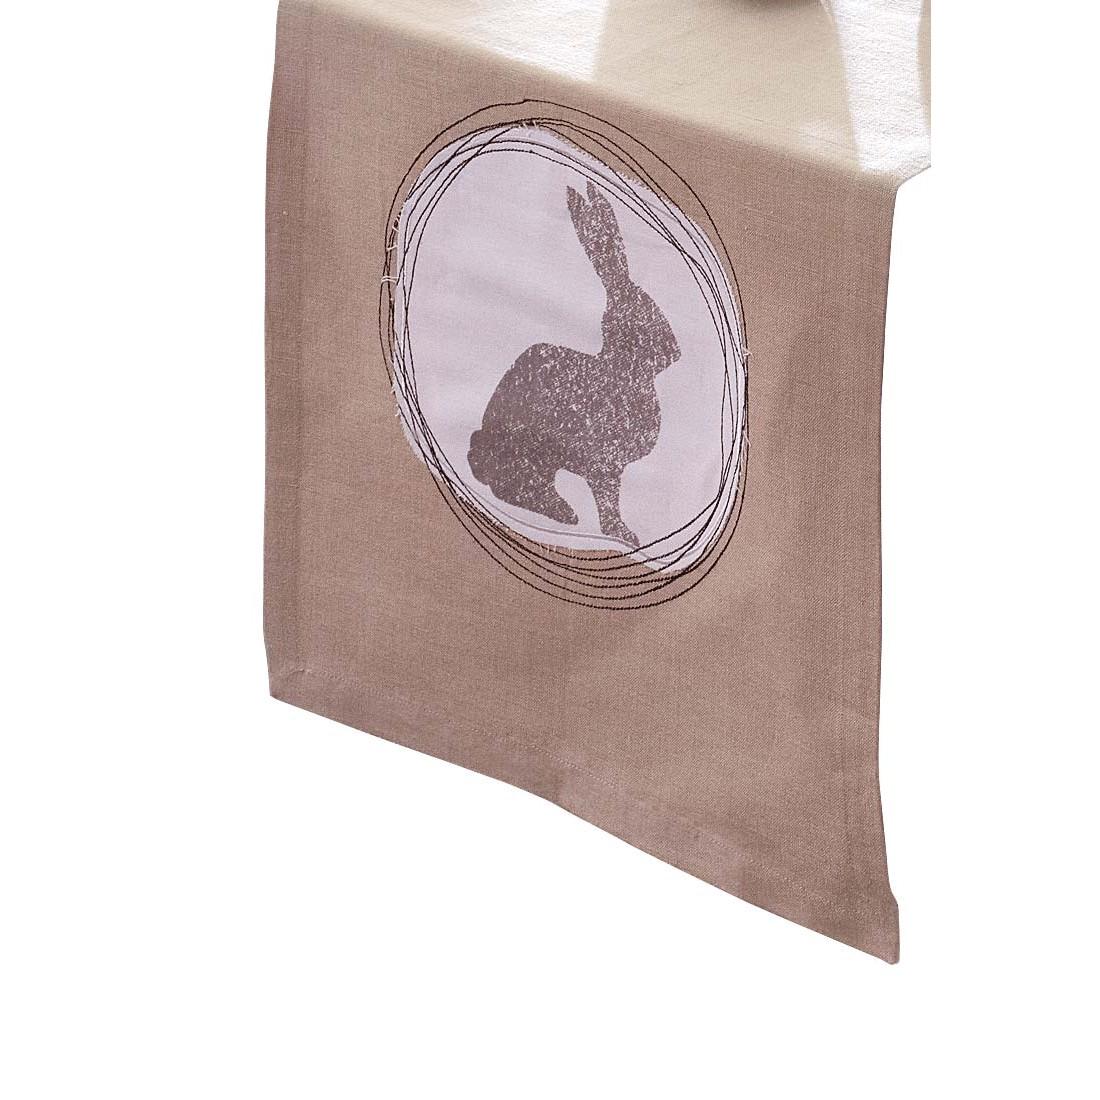 Tischläufer 45×250 – Baumwolle/Leinen – Beige, PureDay jetzt kaufen